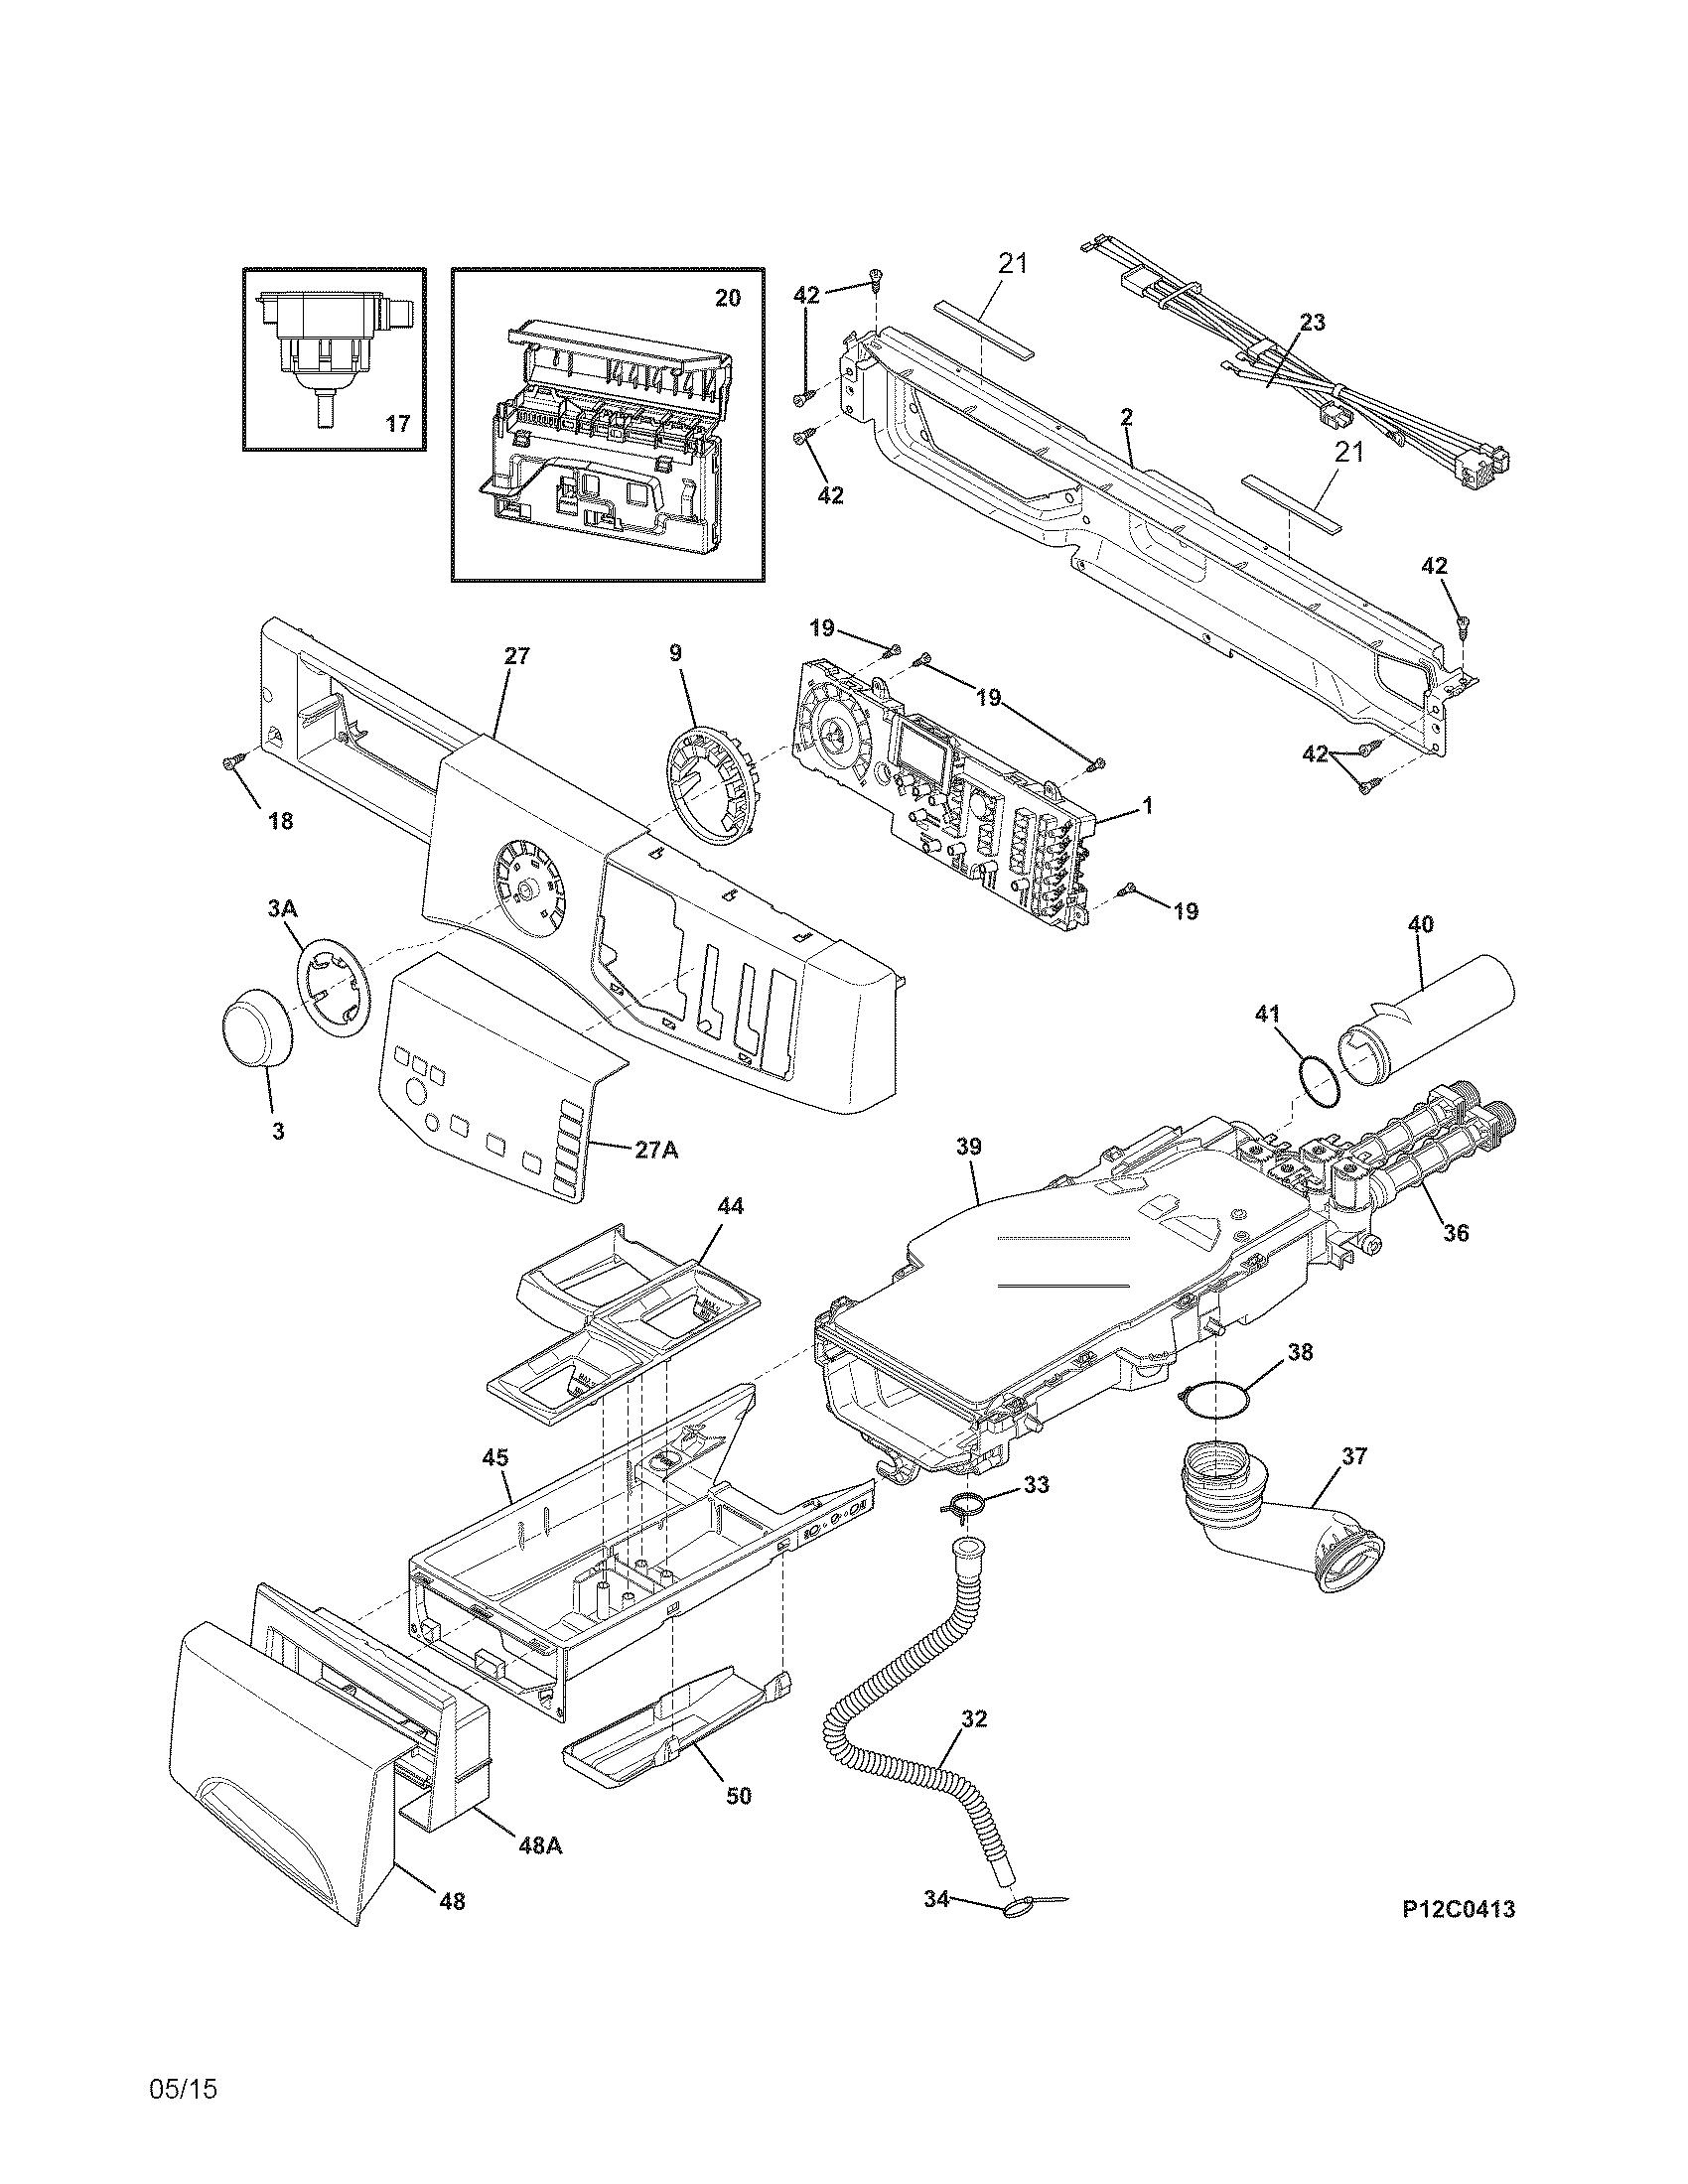 e67 wiring diagram wiring diagram schematic